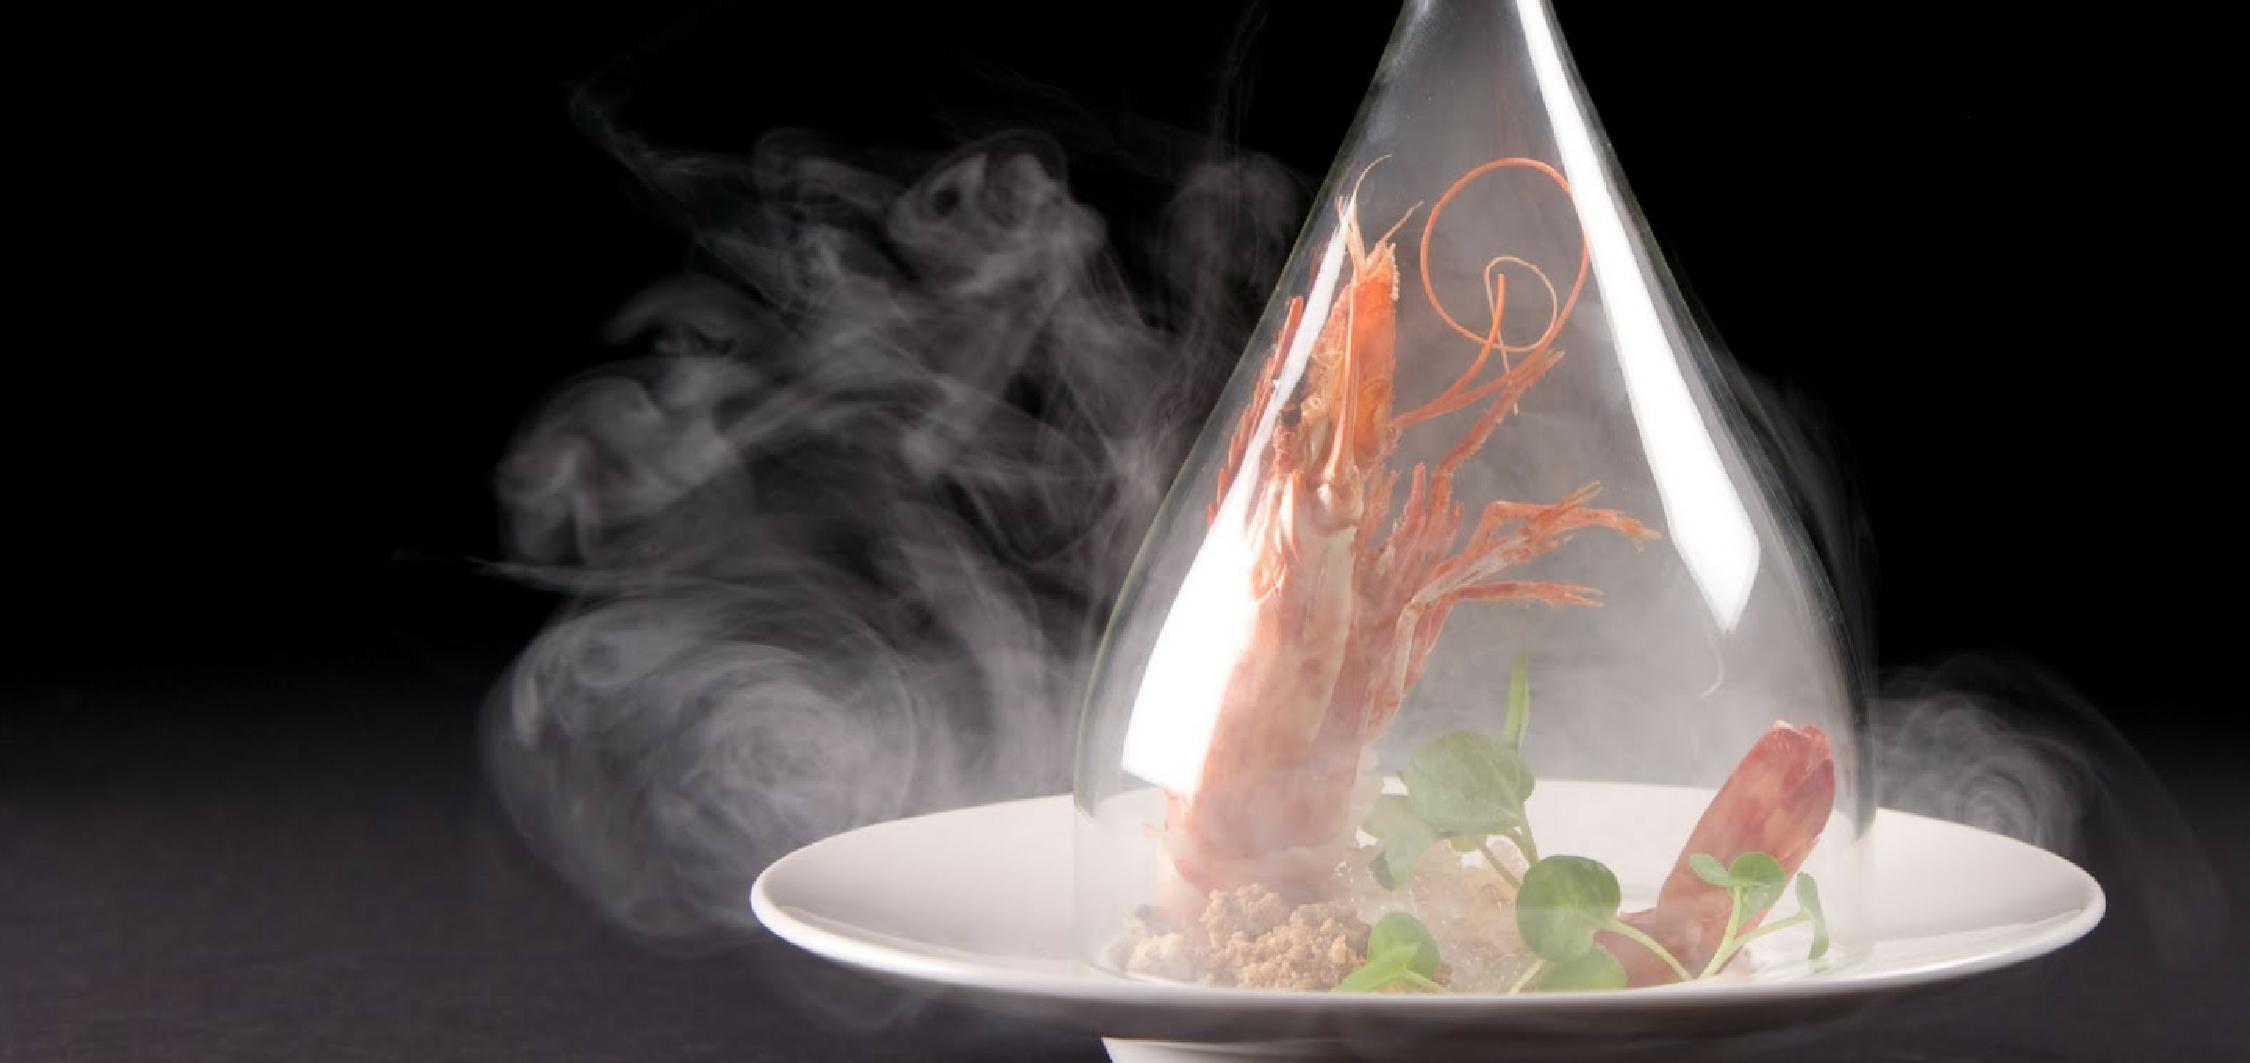 Conoce las 7 t cnicas m s comunes de la gastronom a molecular - Carrera de cocina ...